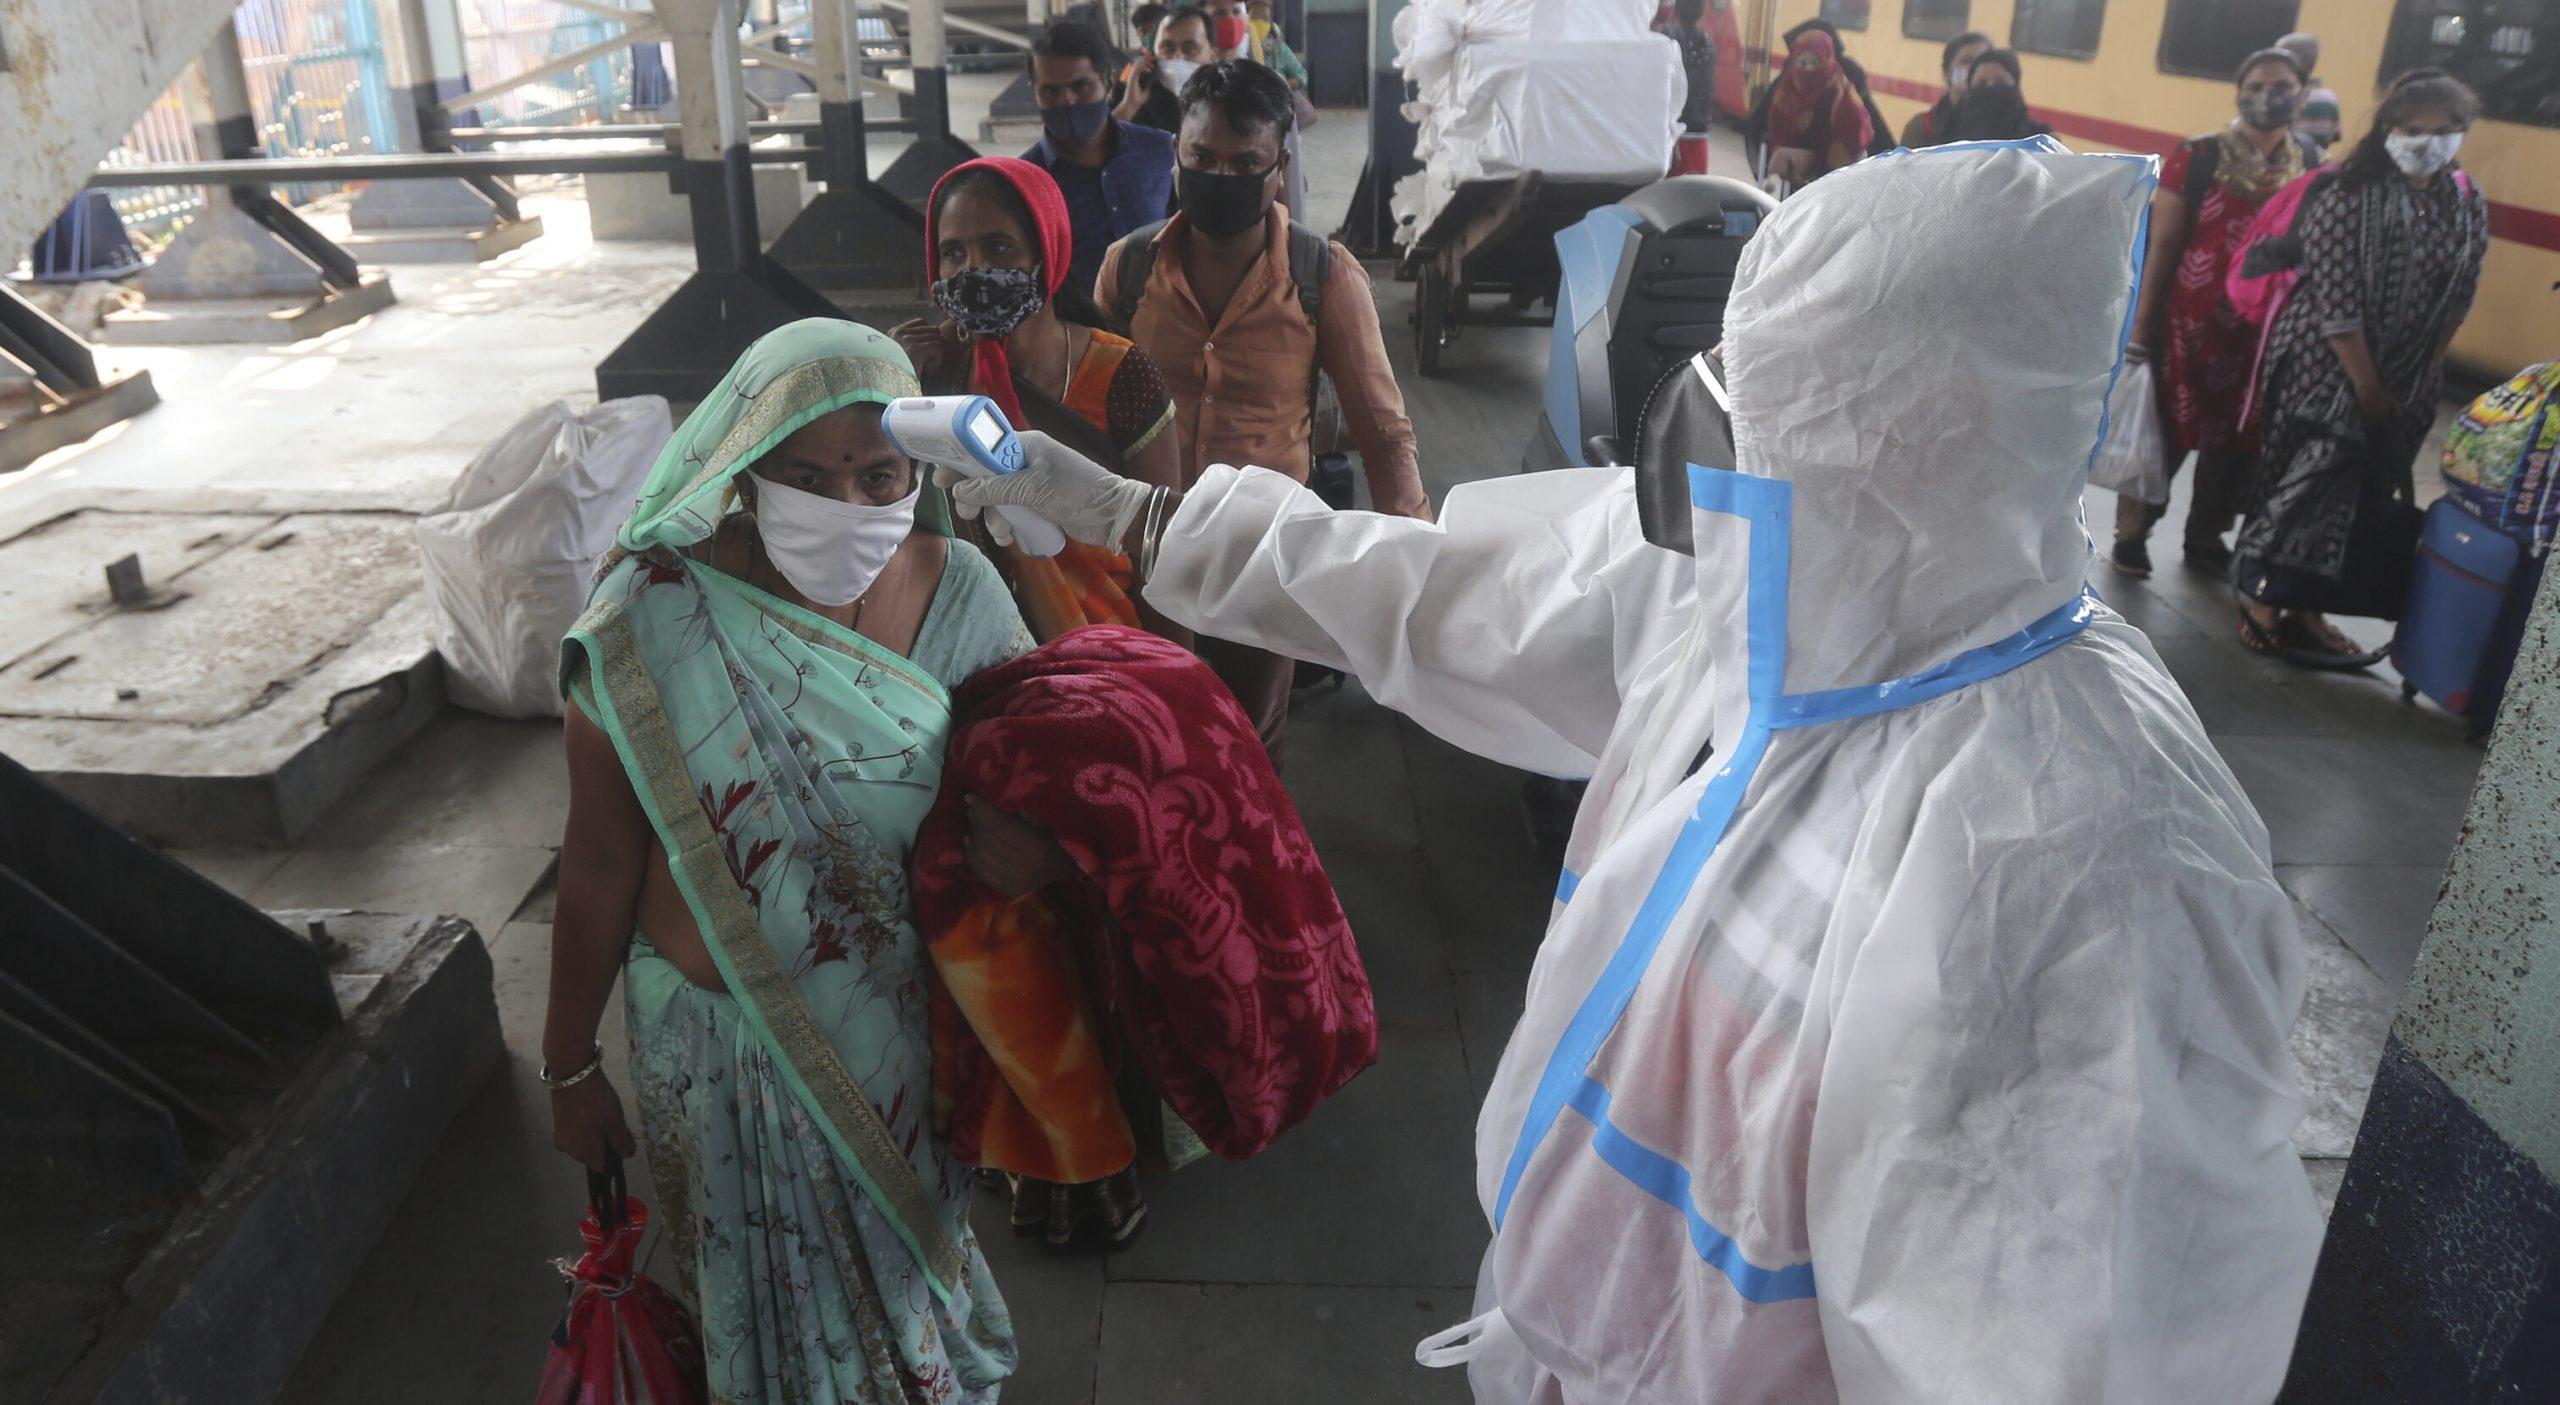 În India au fost descoperite 240 de variante noi ale SARS-Cov-2. Numărul infectărilor a crescut cu 31% față de săptămâna precedentă